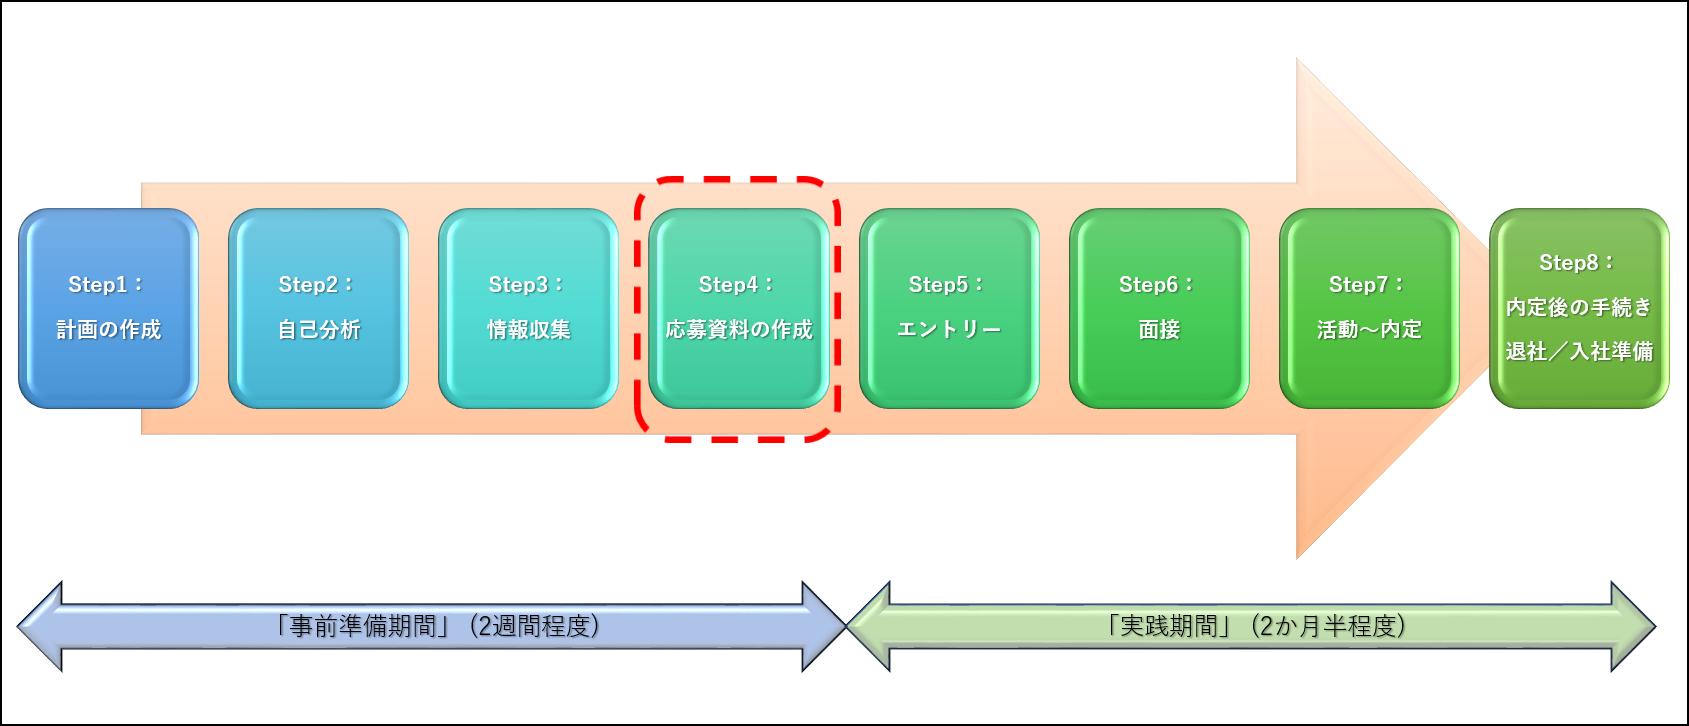 転職活動のStep4:応募資料の作成のイメージ図